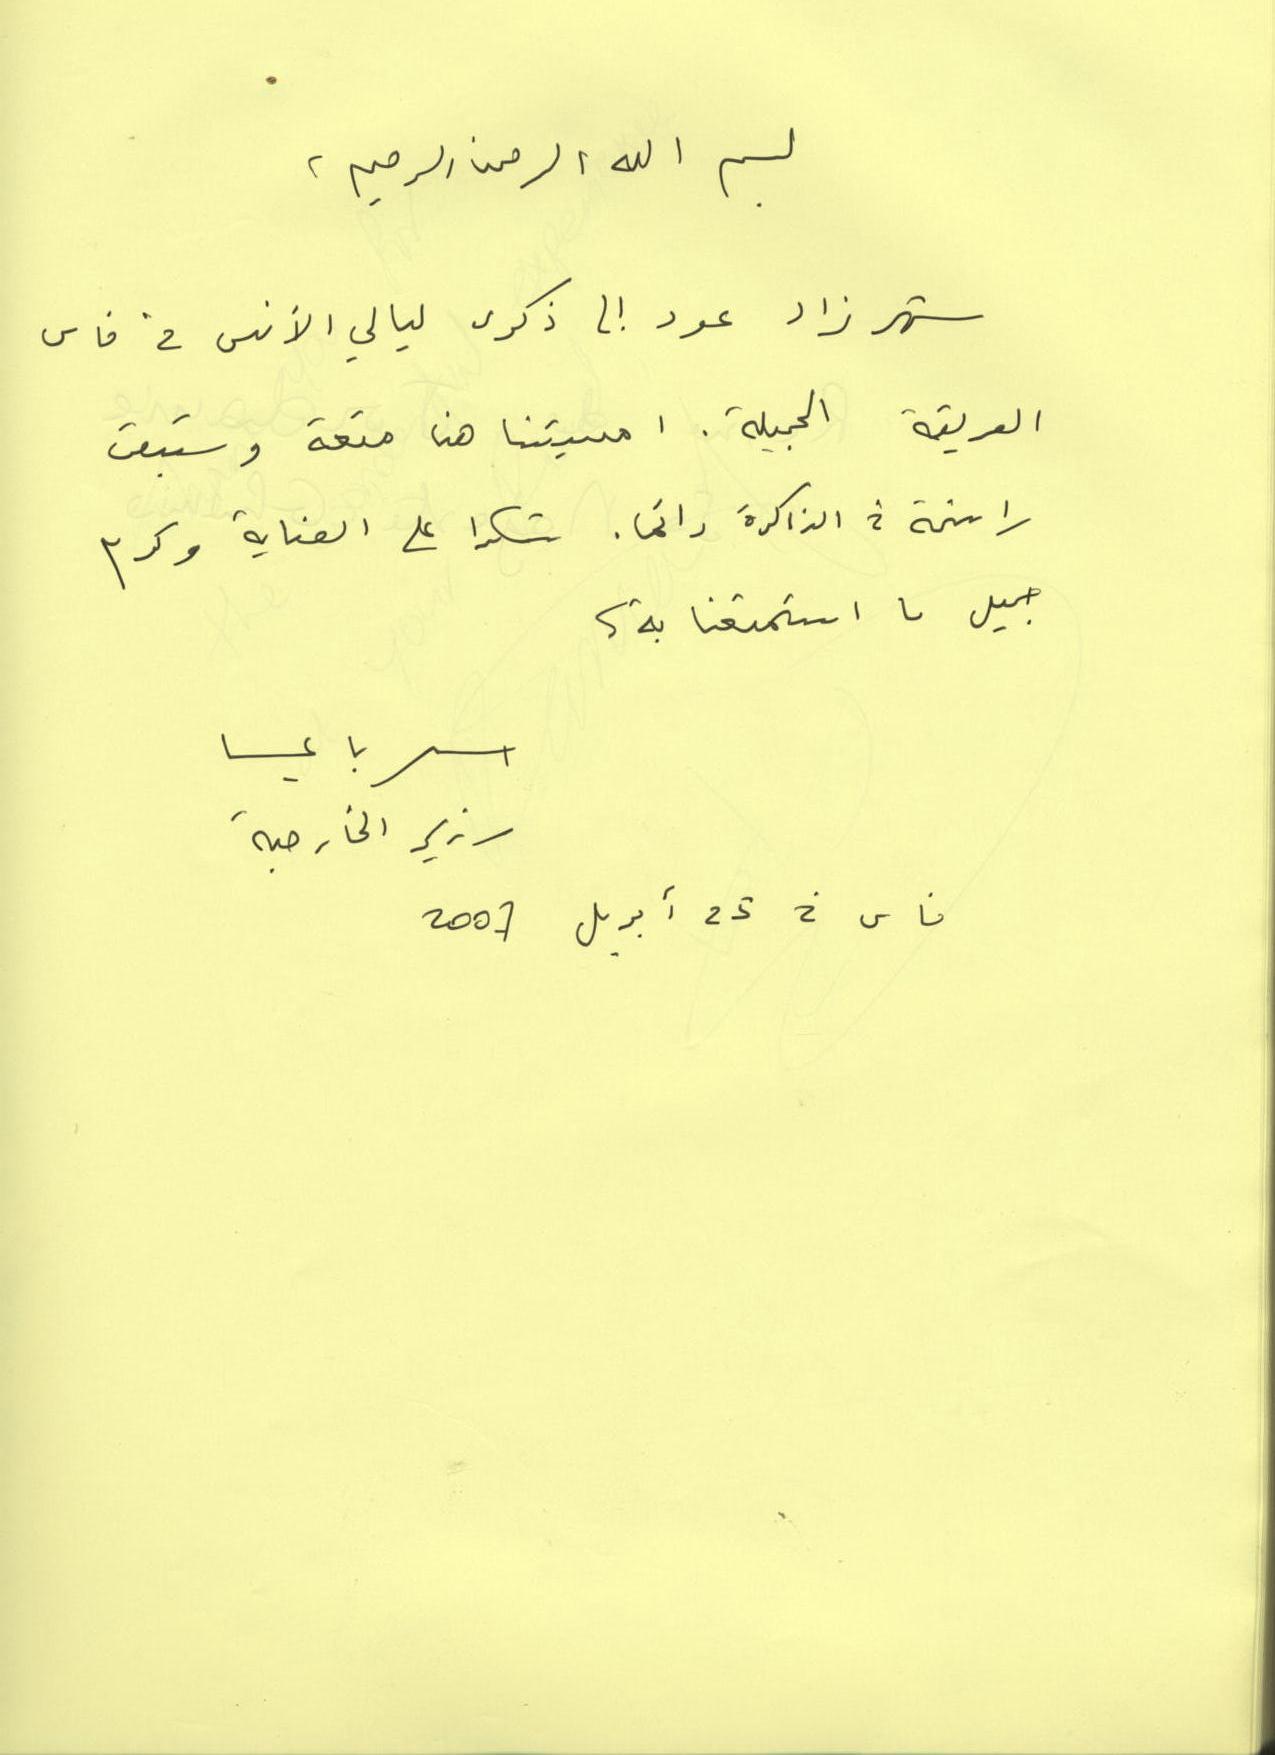 Moar Baya - Ministre des Affaires Etrangères de Jordanie